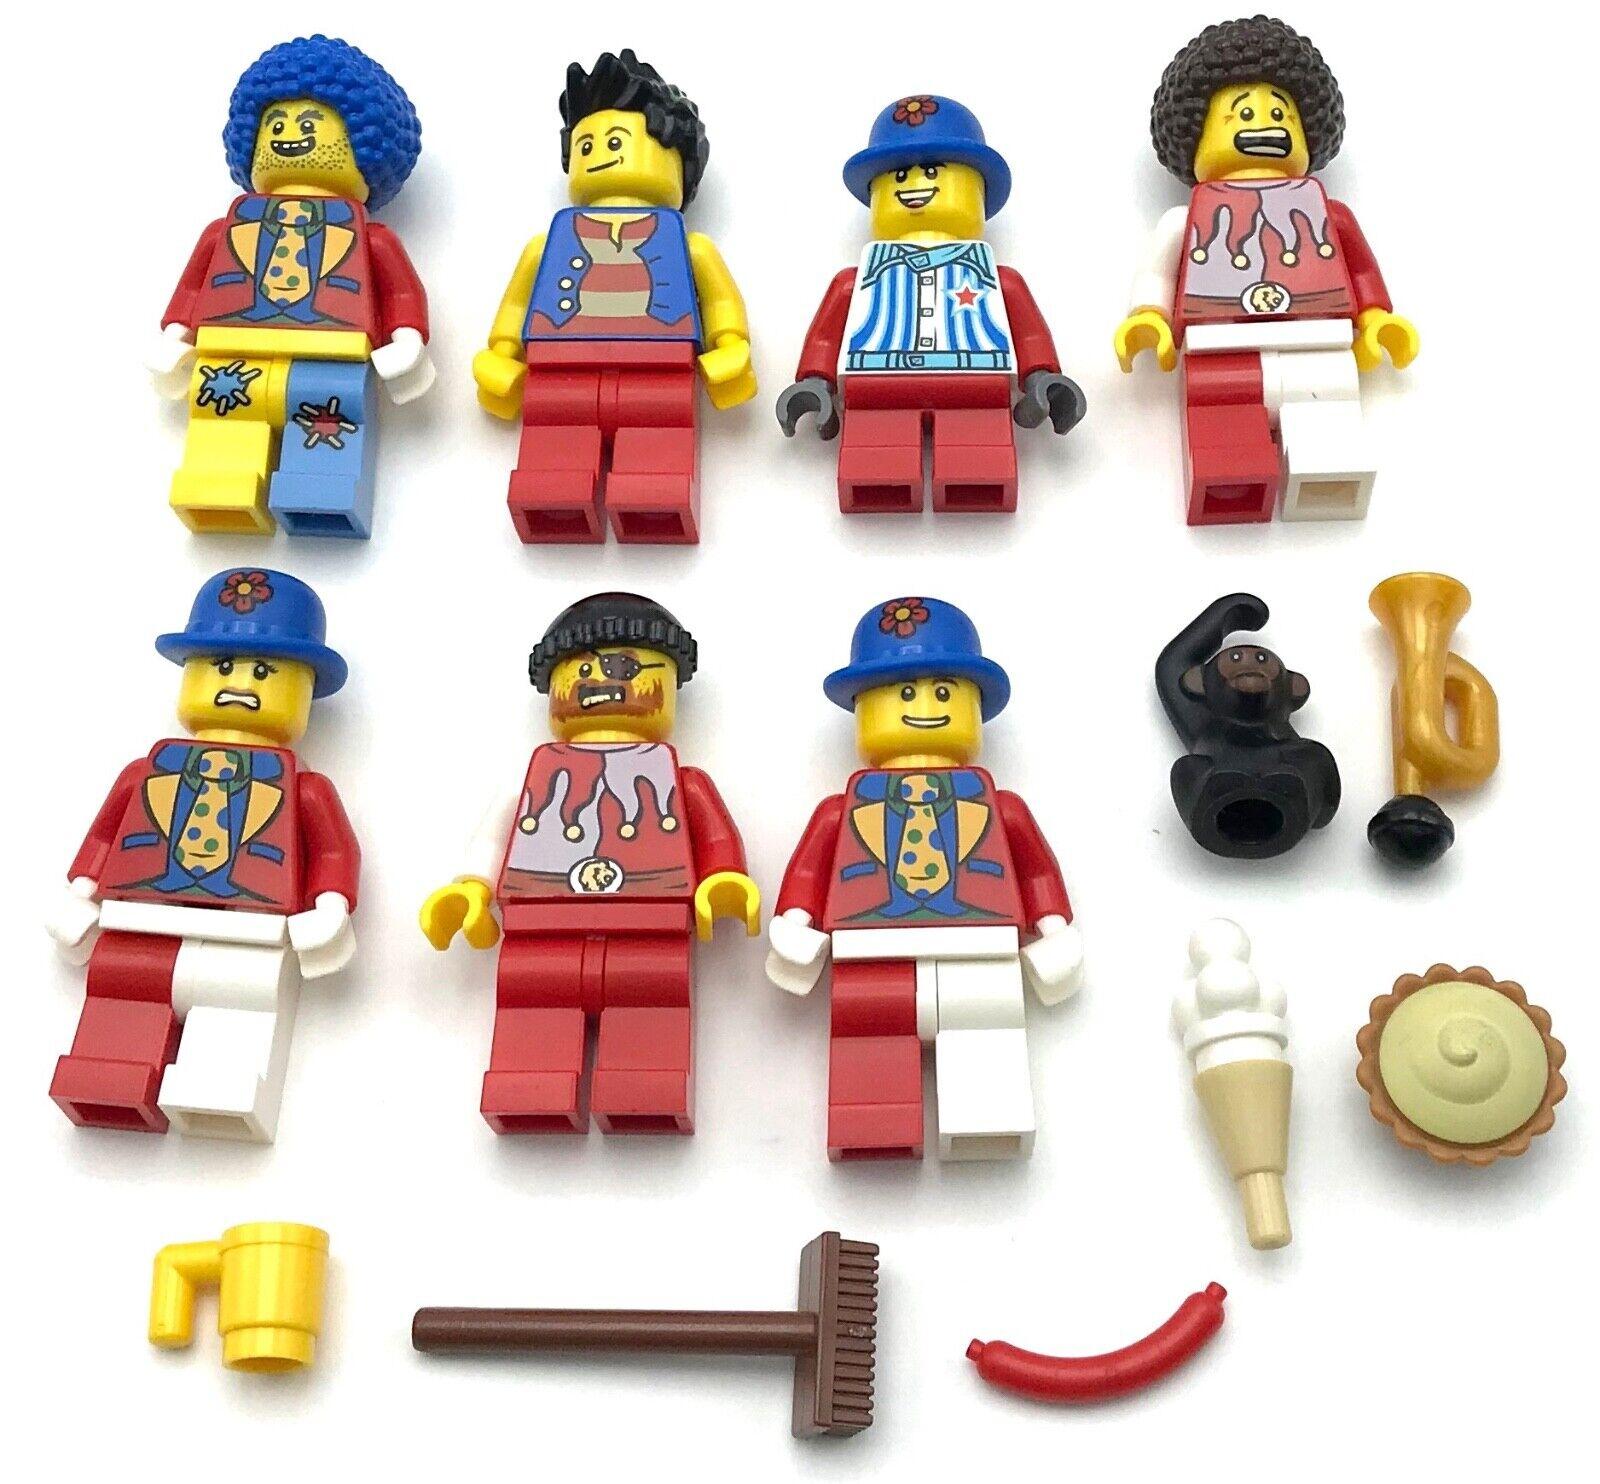 Lego 7 Nuevo Circo Payaso Act Minifiguras para Hombre Gente Figuras